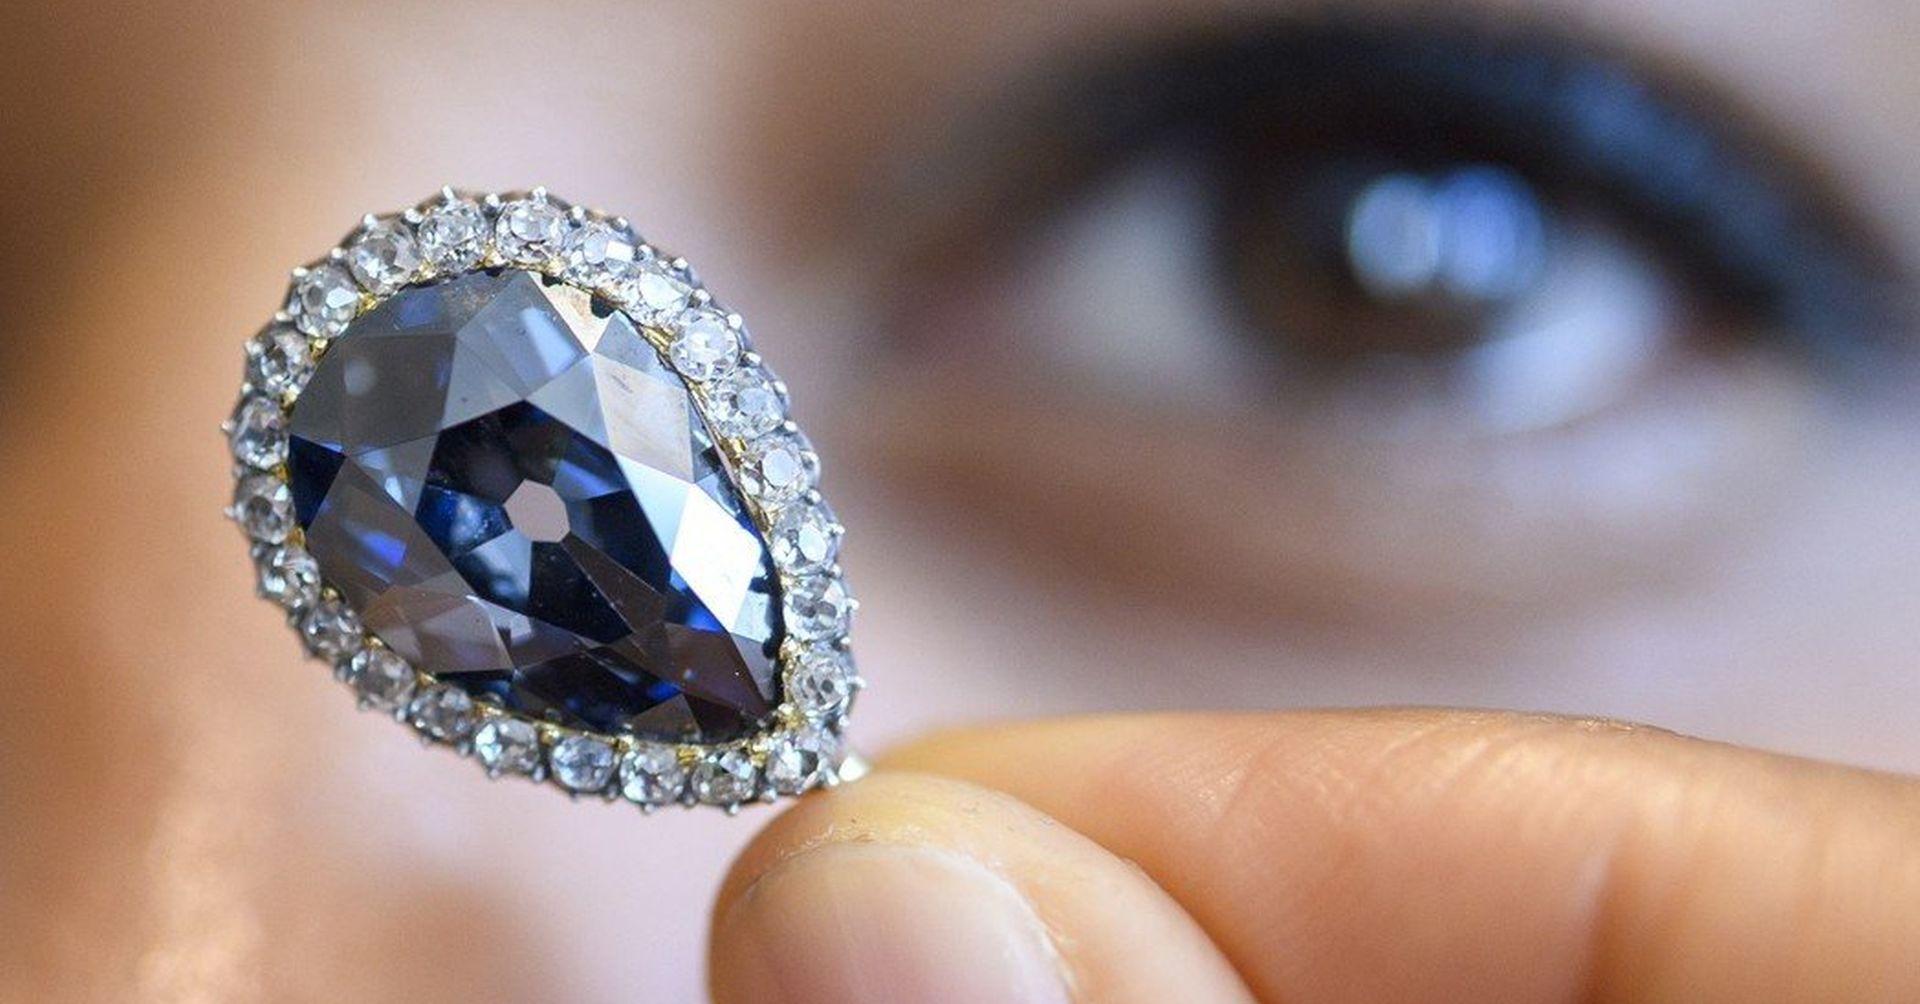 Rijetki plavi dijamanti možda su najdublja Zemljina tajna